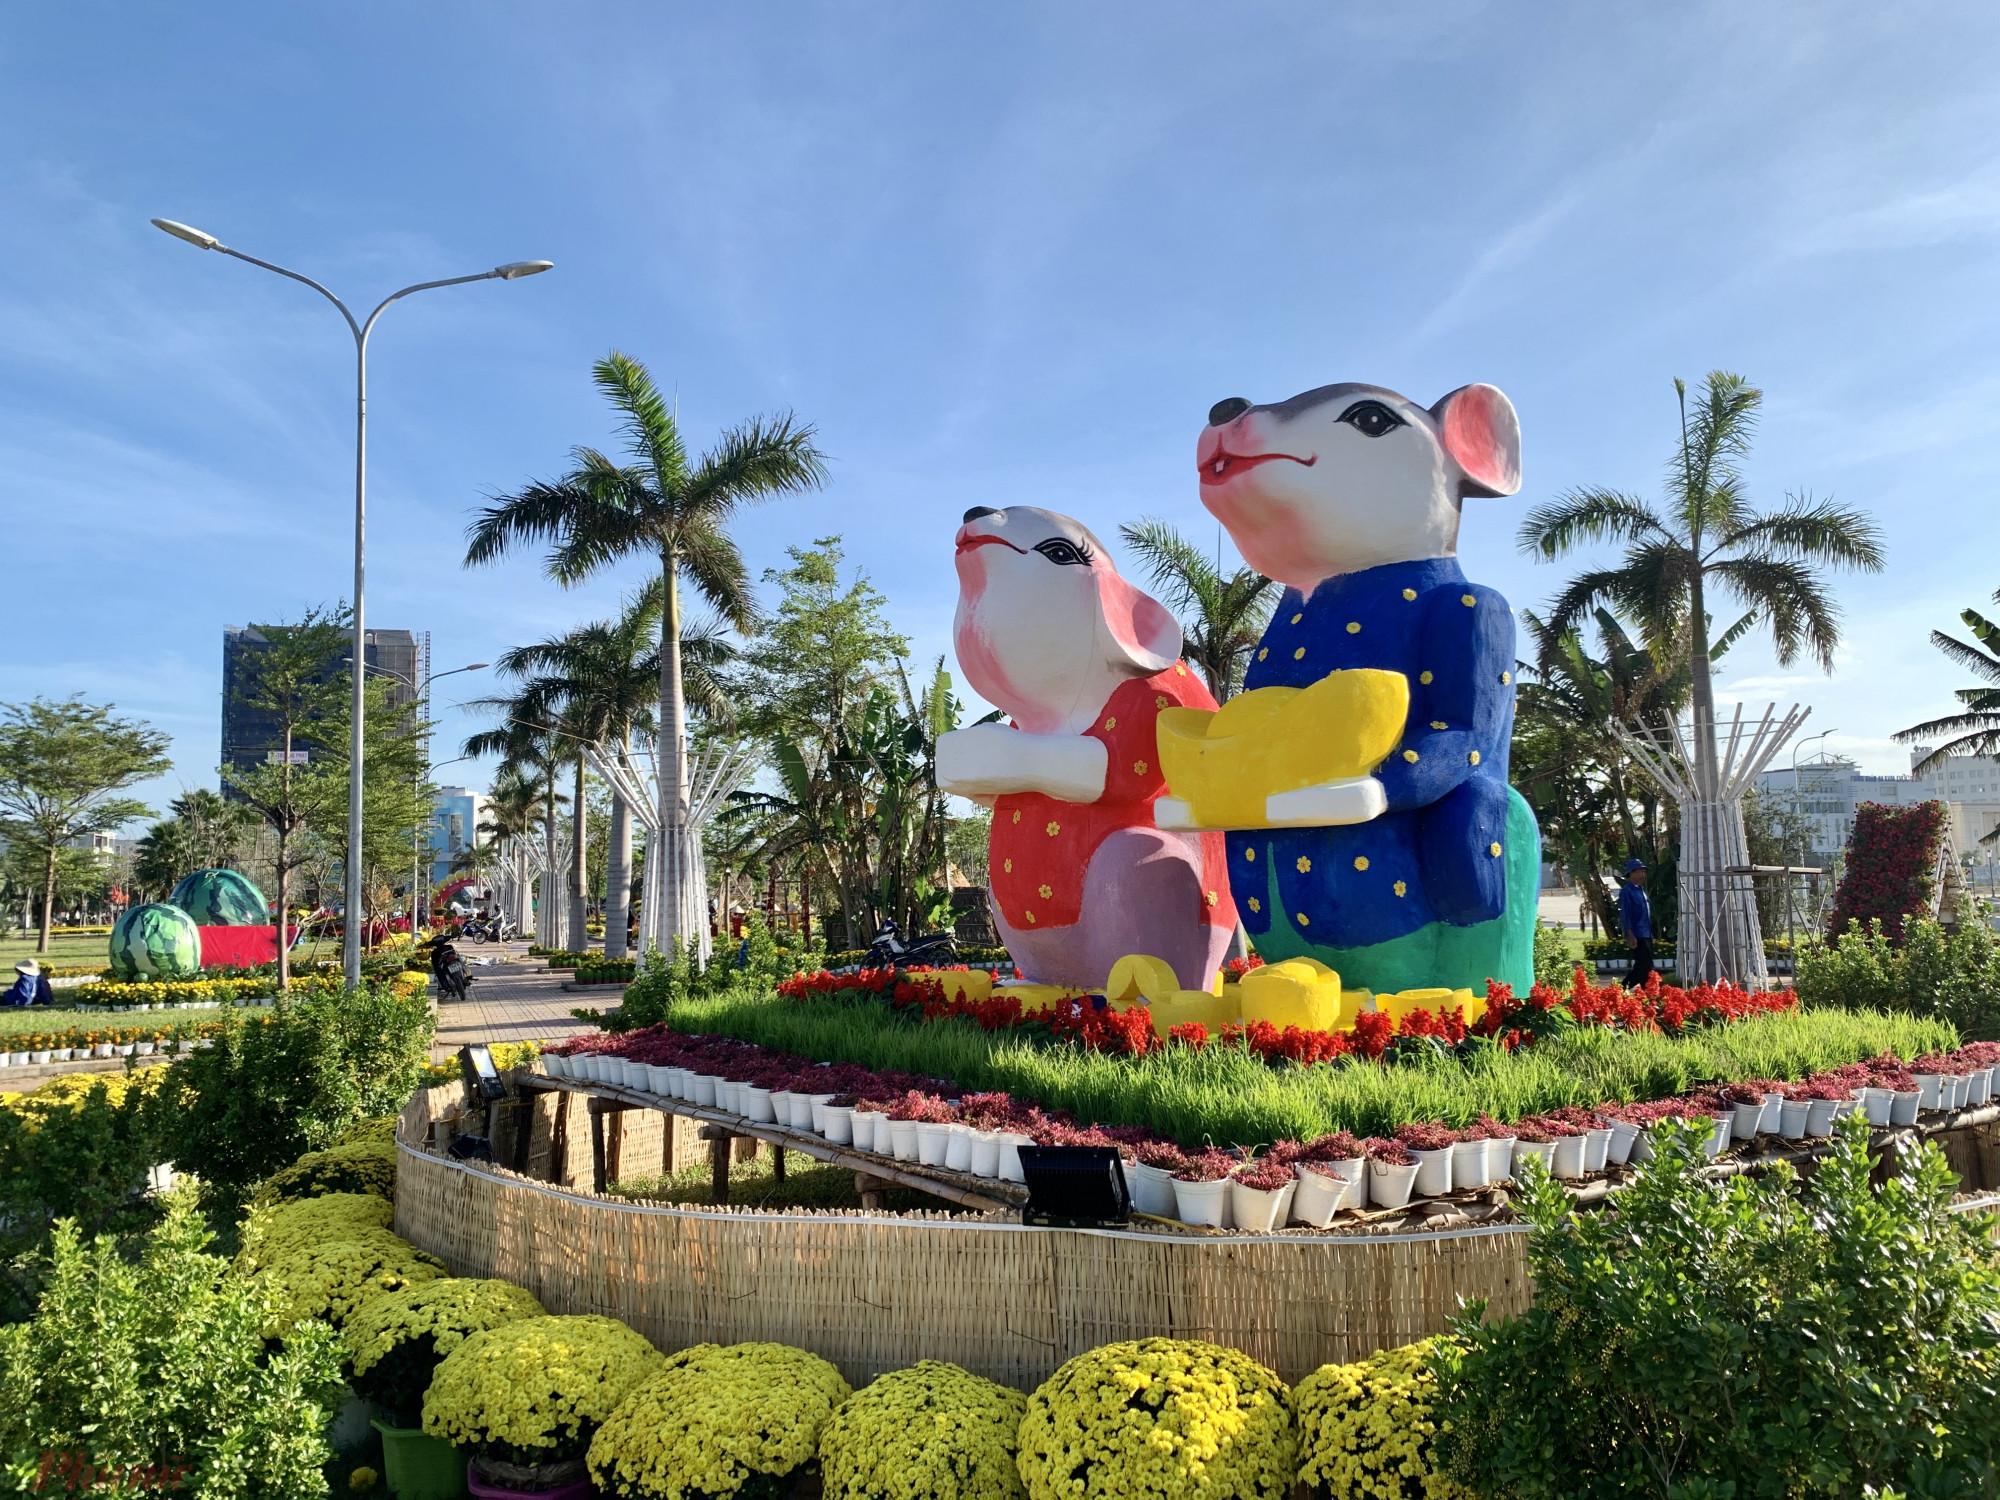 Hình ảnh cặp chuột được cách điệu đặt tại công viên trung tâm thành phố Tuy Hoà, Phú Yên